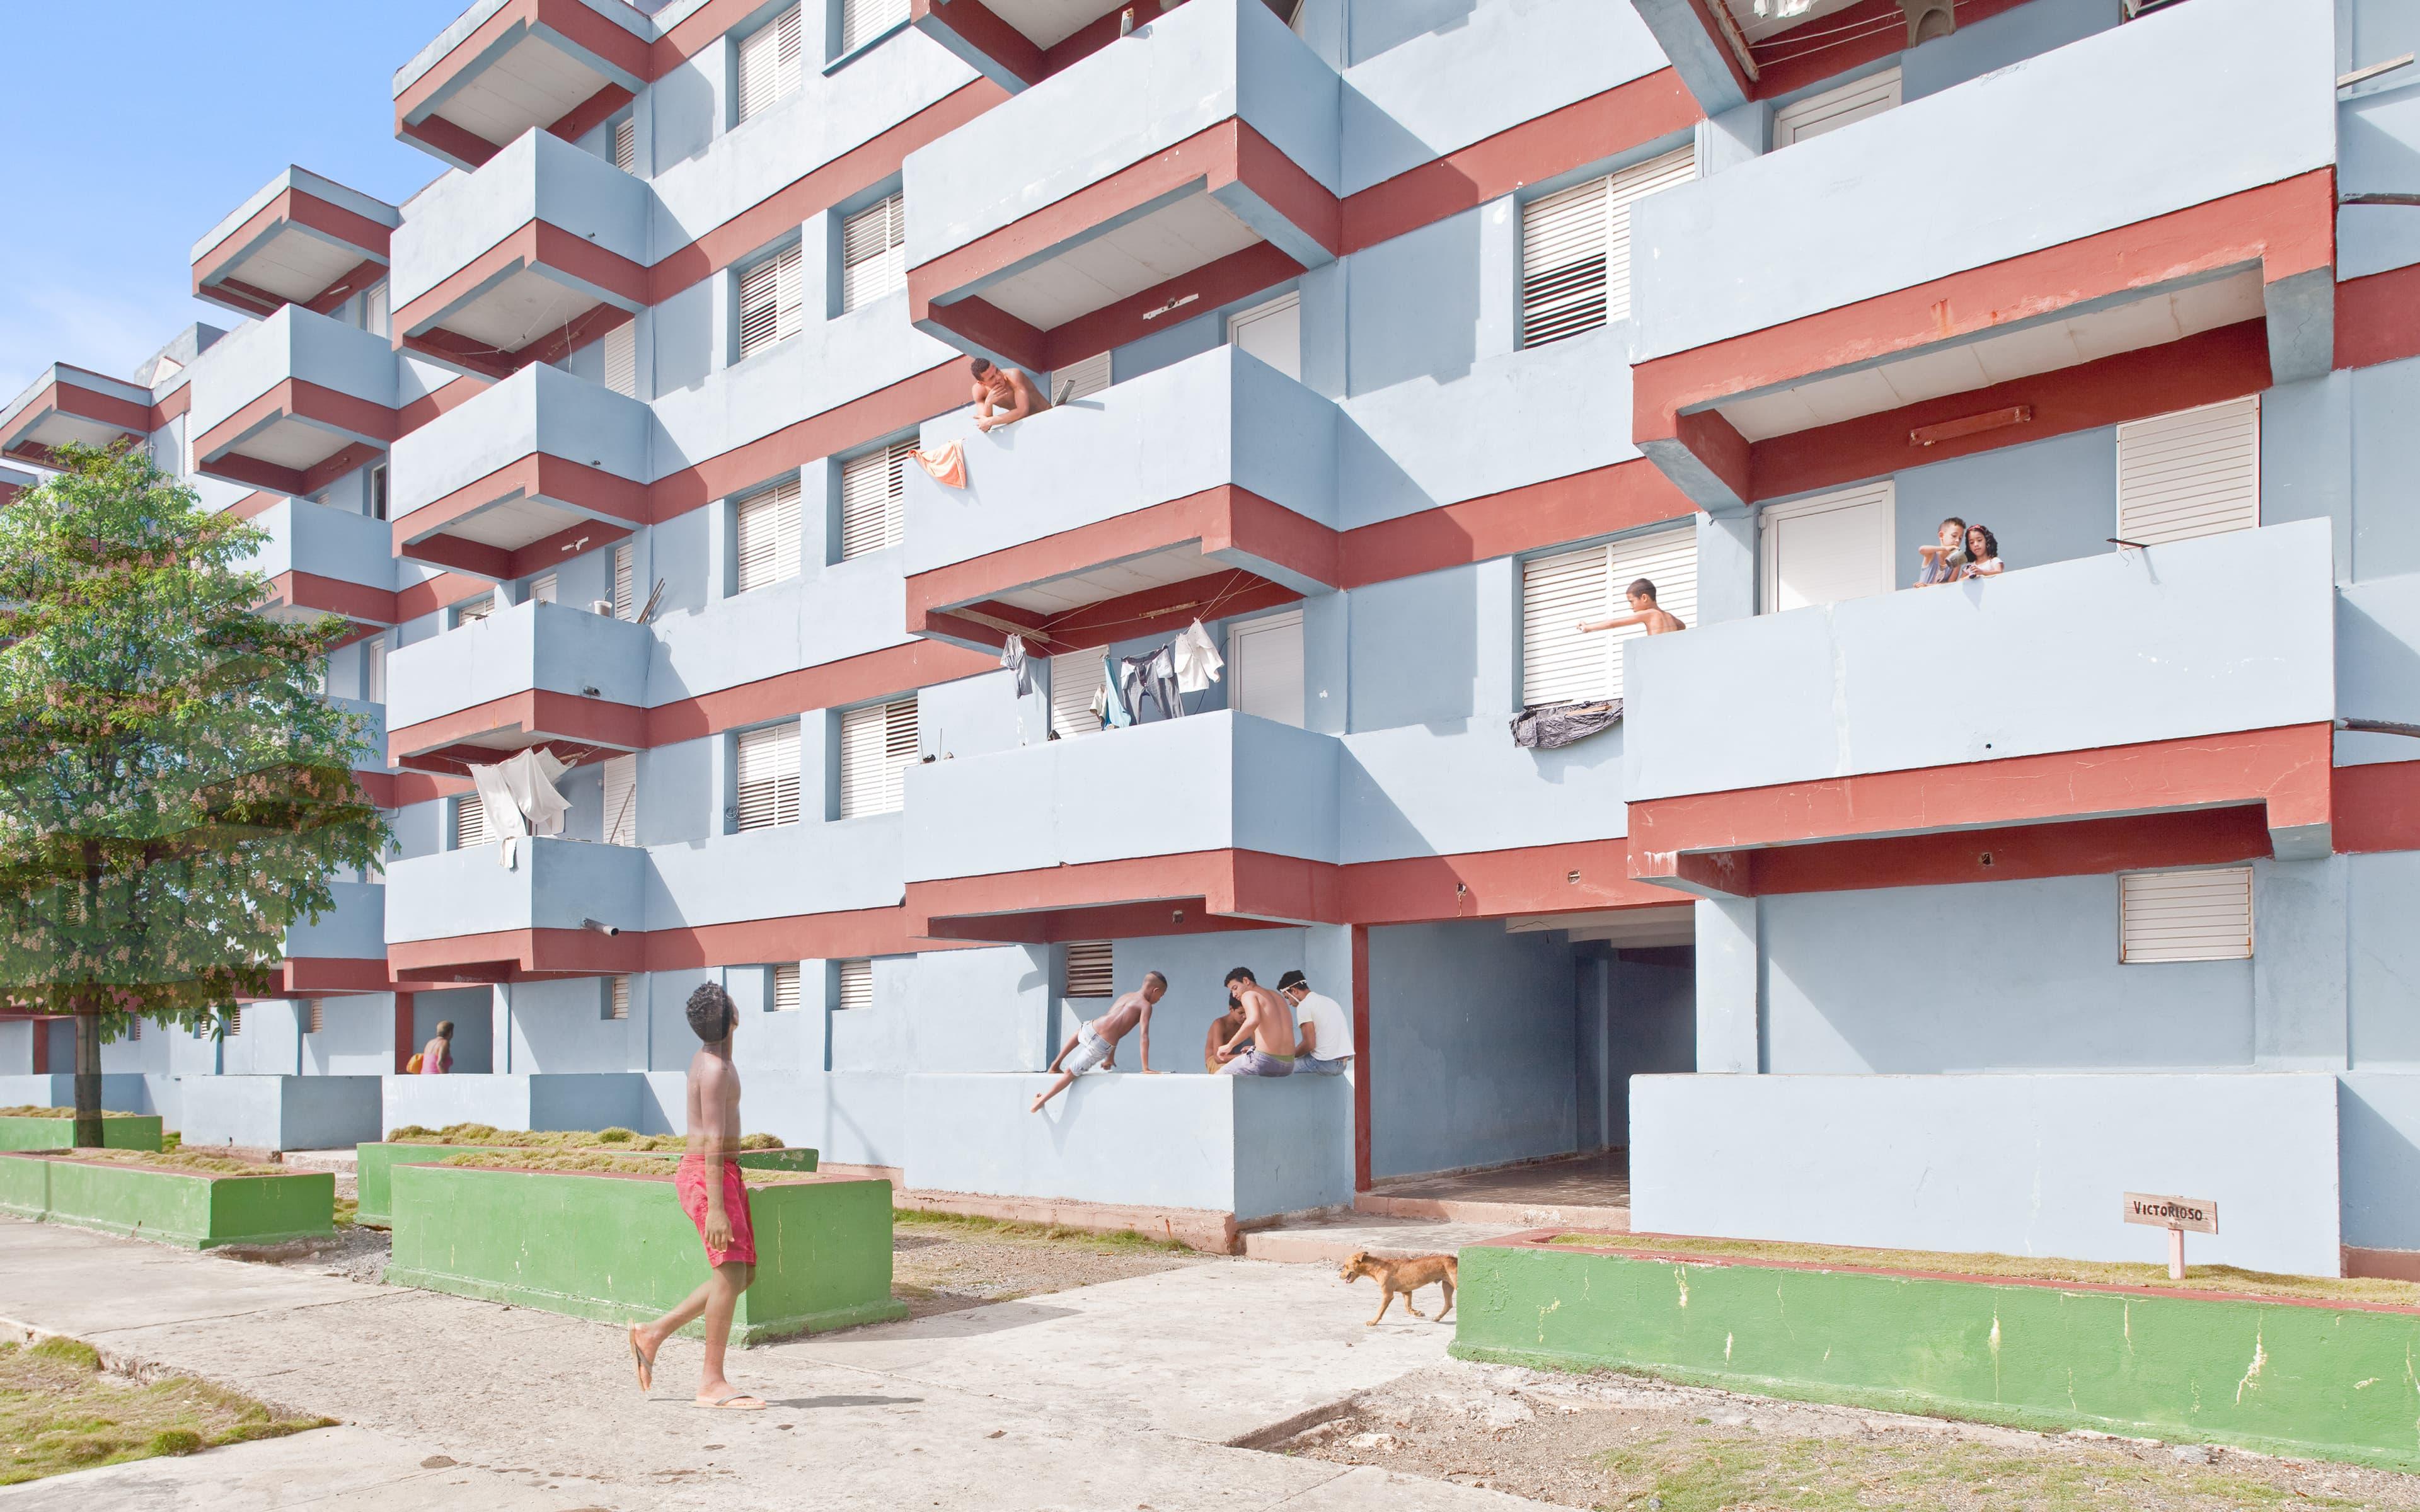 Malecon #1, Baracoa, Cuba, 2012